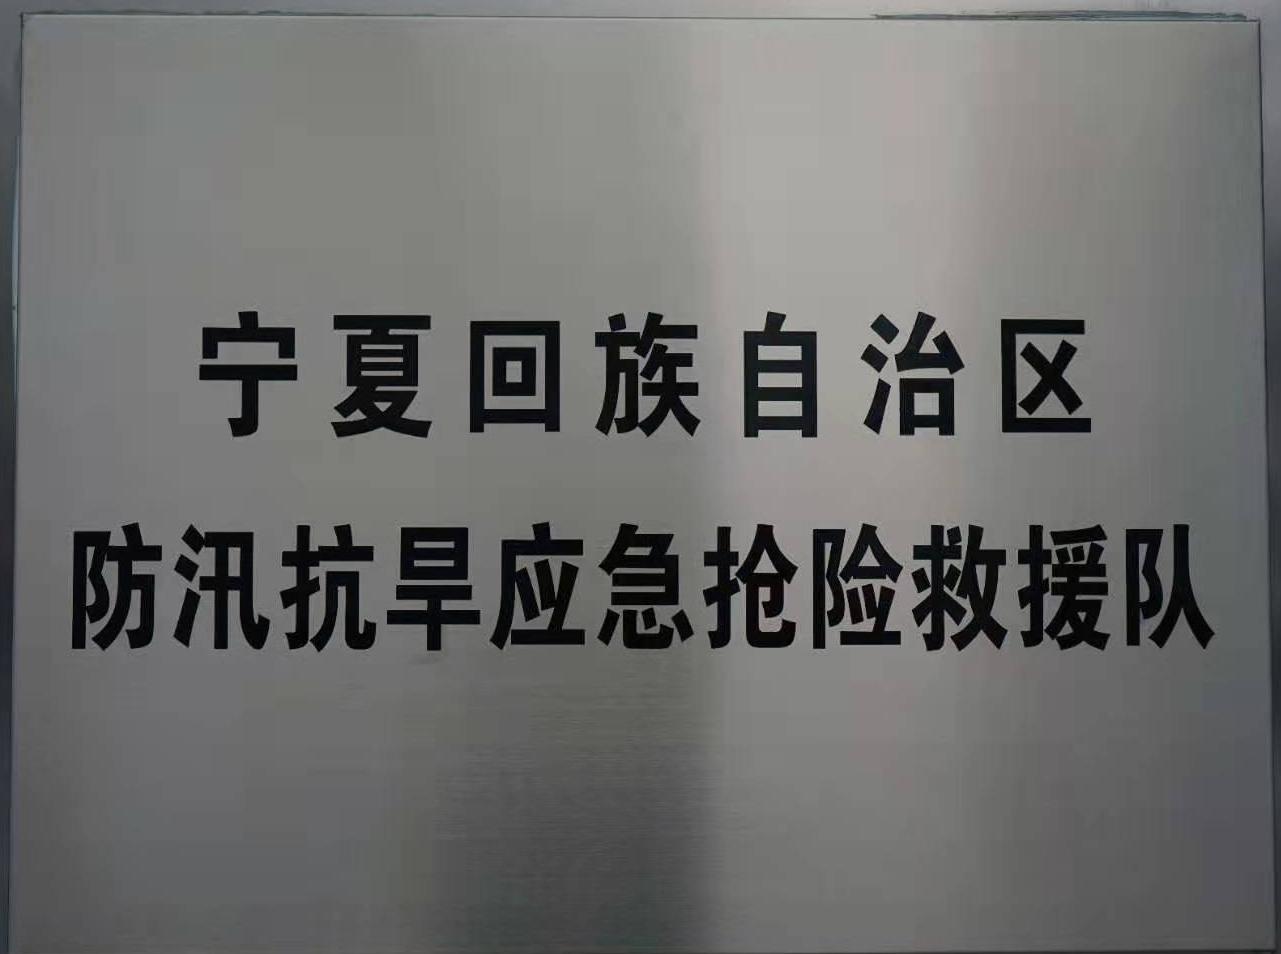 防汛抗旱应急抢险救援队1.jpg